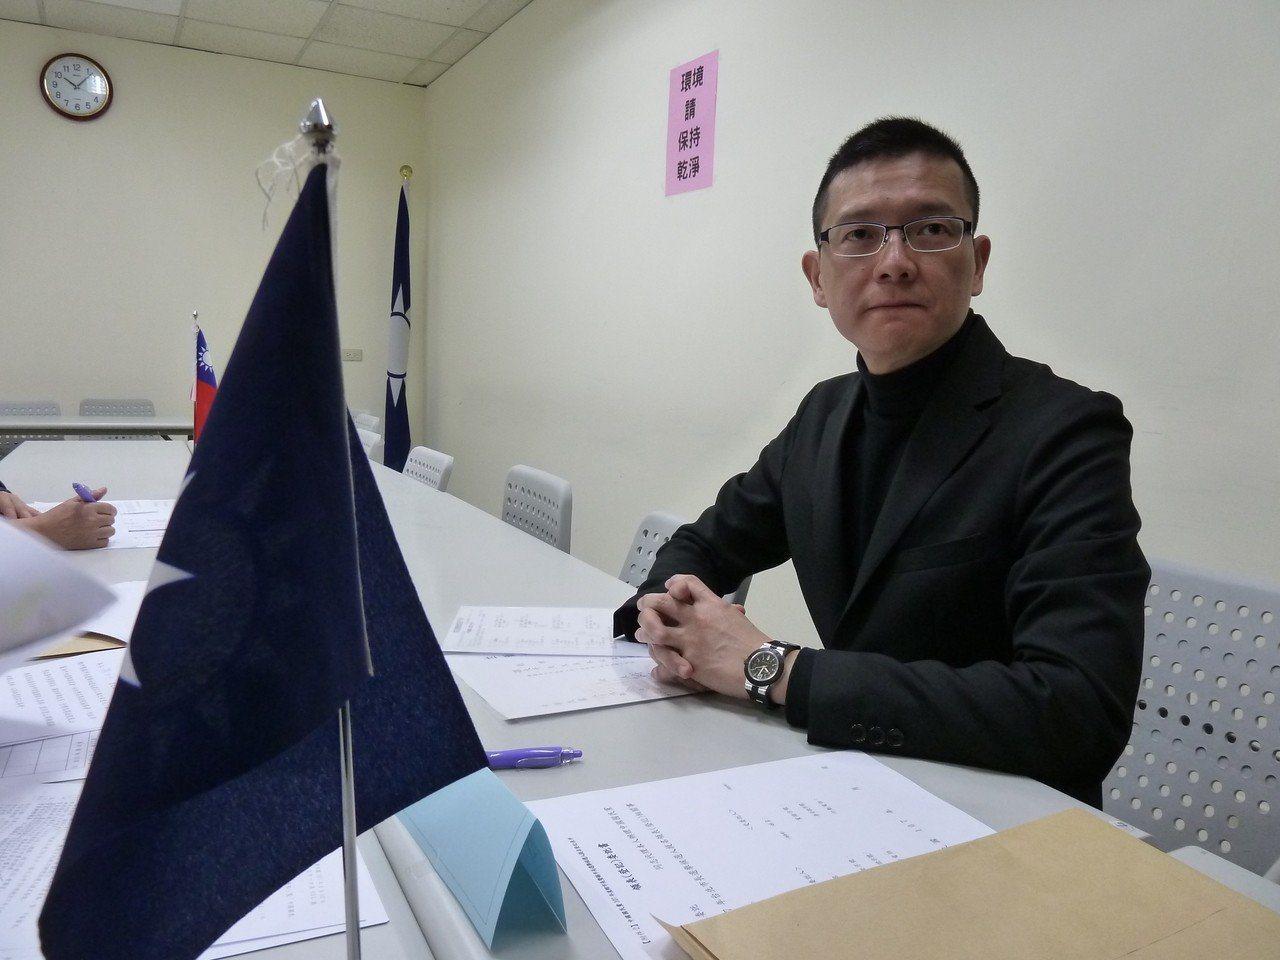 国民党总统参选人韩国瑜竞选总部执行长孙大千孙大千。本报资料照片